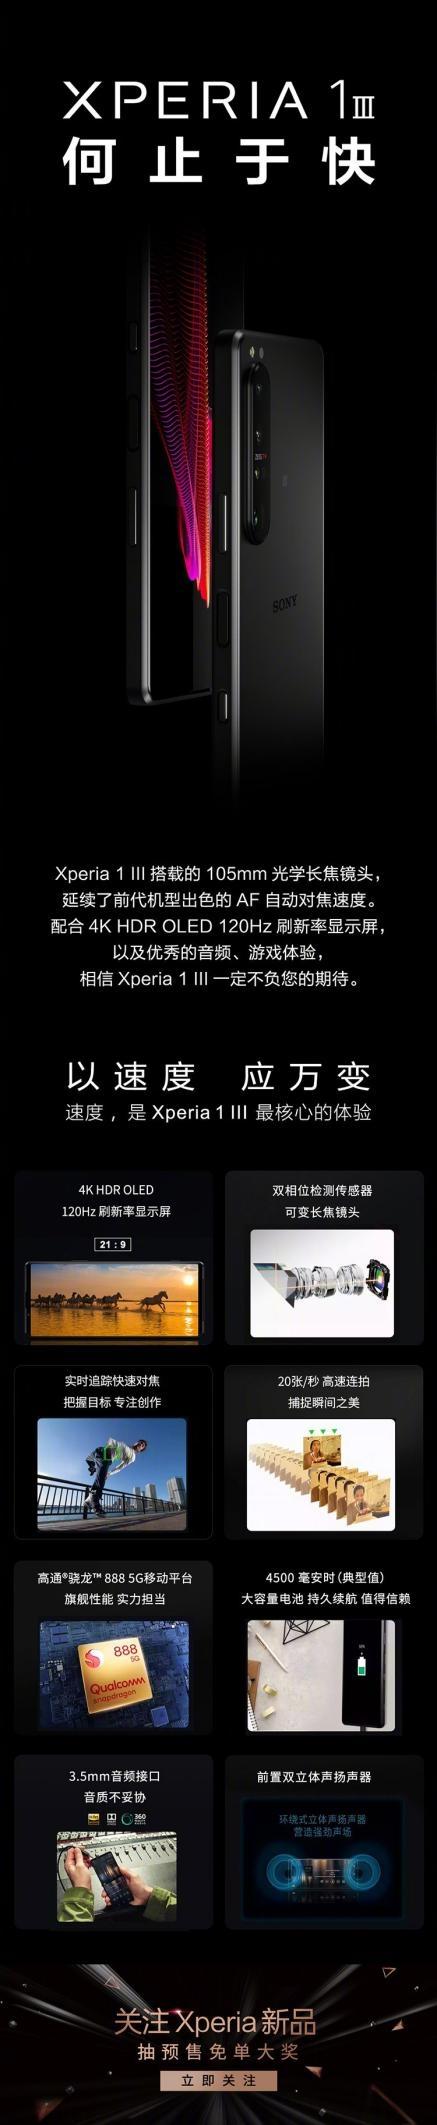 全球唯一4K/120Hz旗舰!索尼Xperia 1 III上架京东